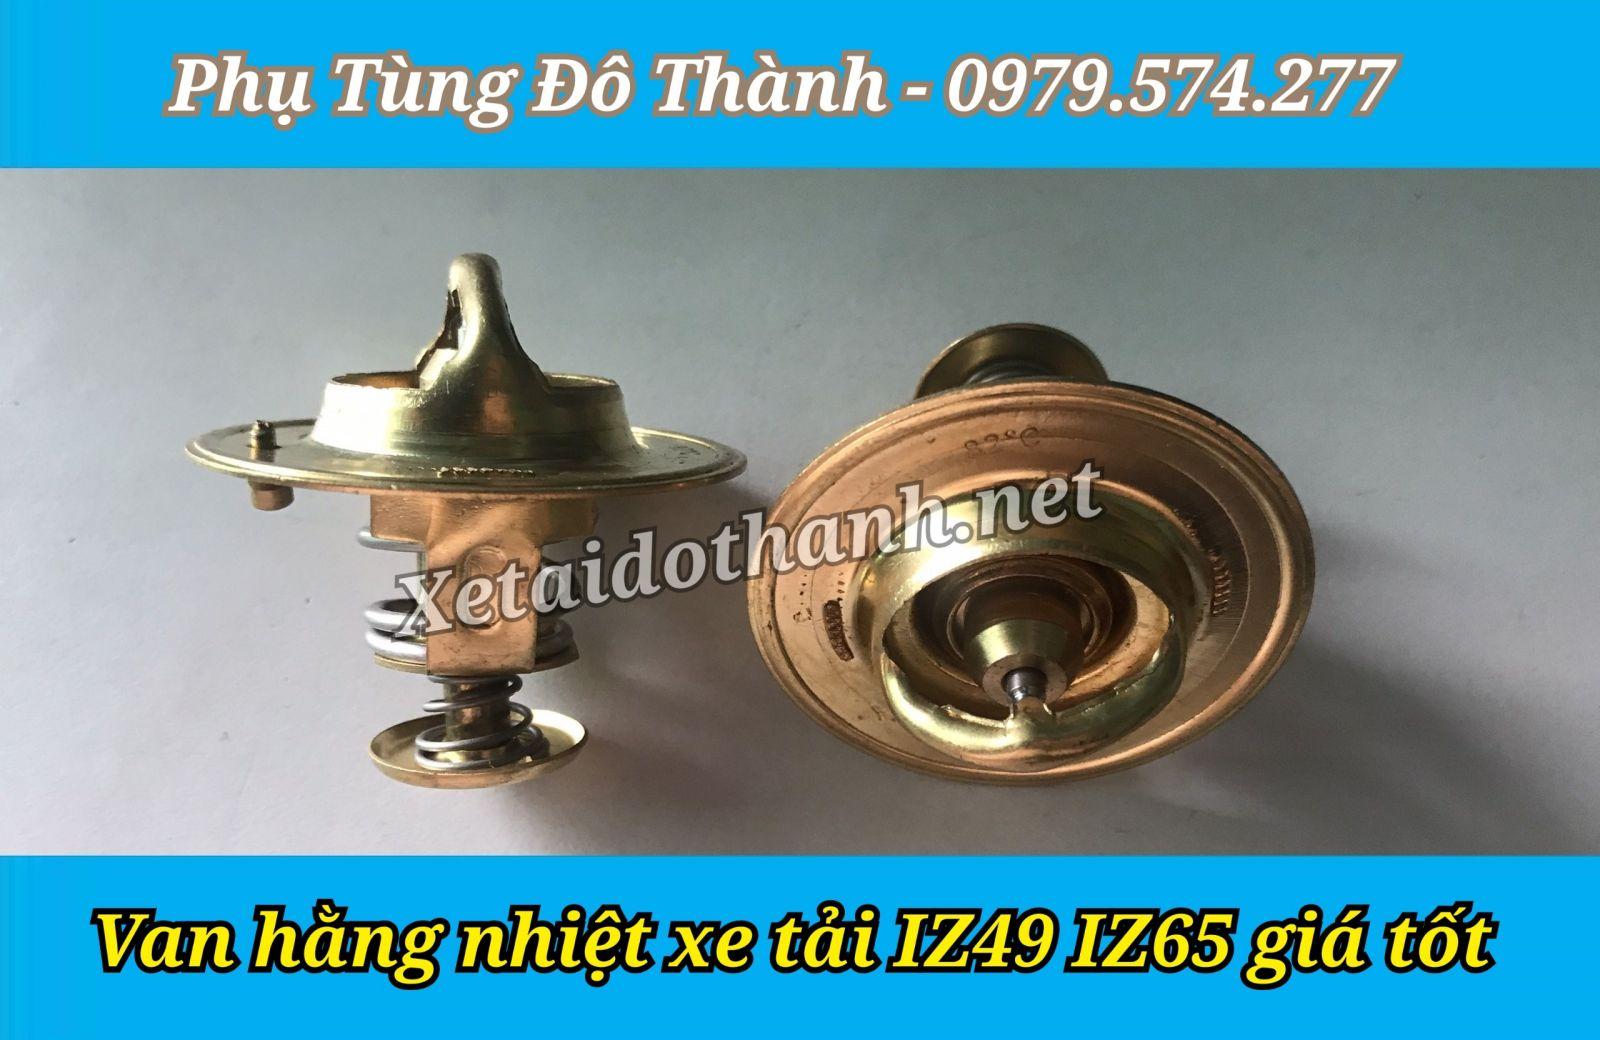 VAN HANG NHIET DO THANH IZ